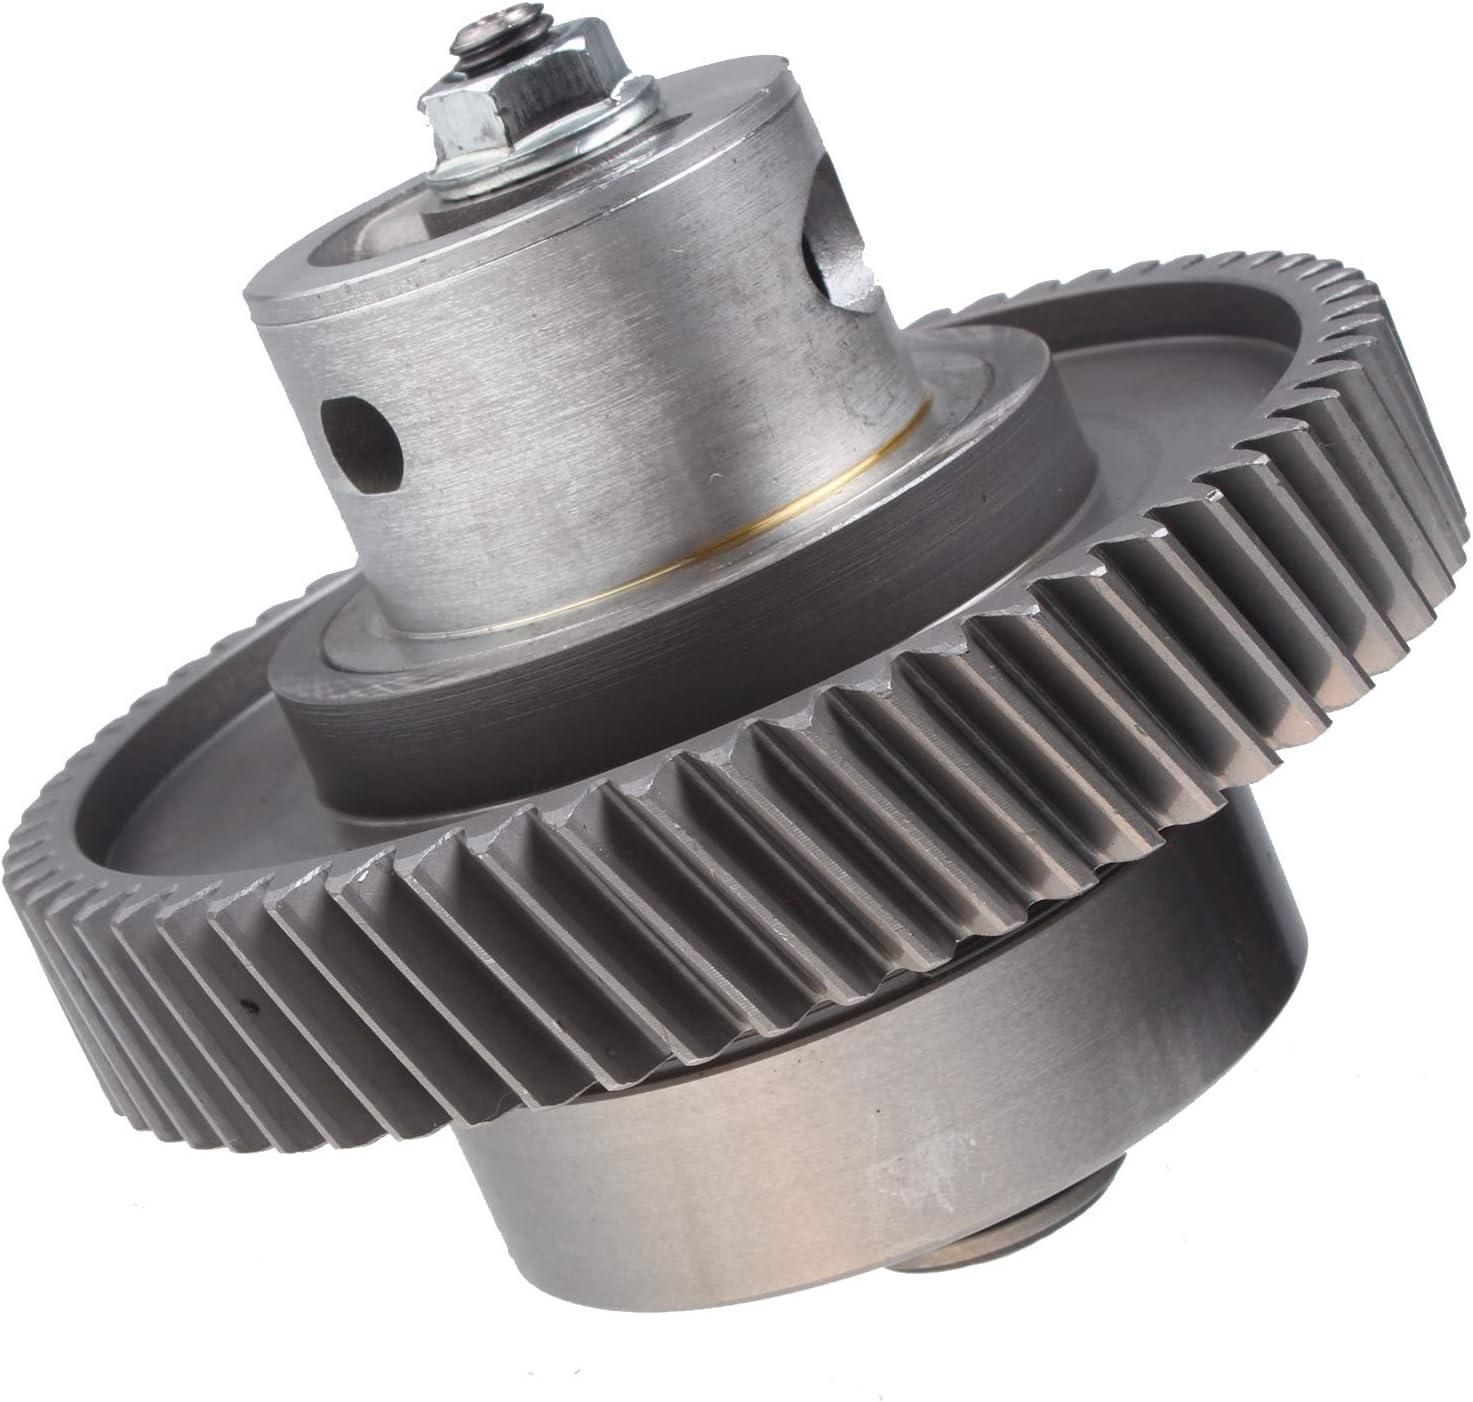 Colt ITM Engine Components 053-90300 Cylinder Head Gasket for 1976-1977 Dodge 1.6L L4